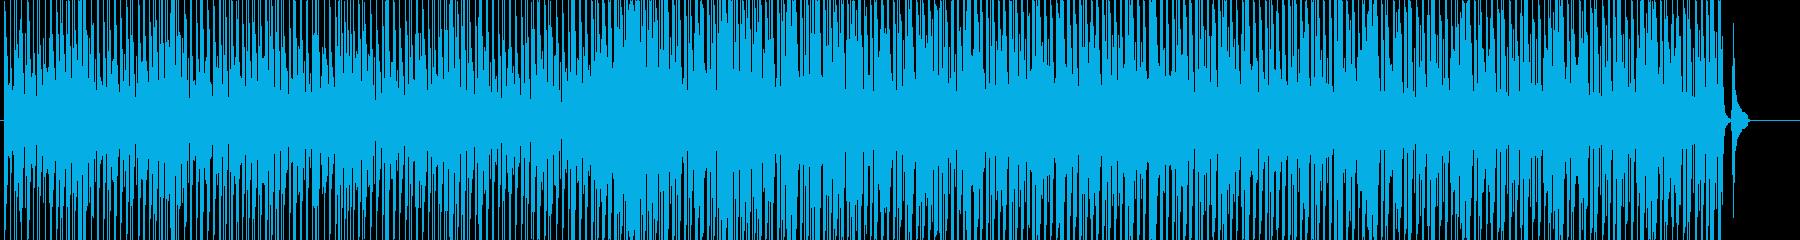 CM等-かわいい♪明るく行進するポップ曲の再生済みの波形